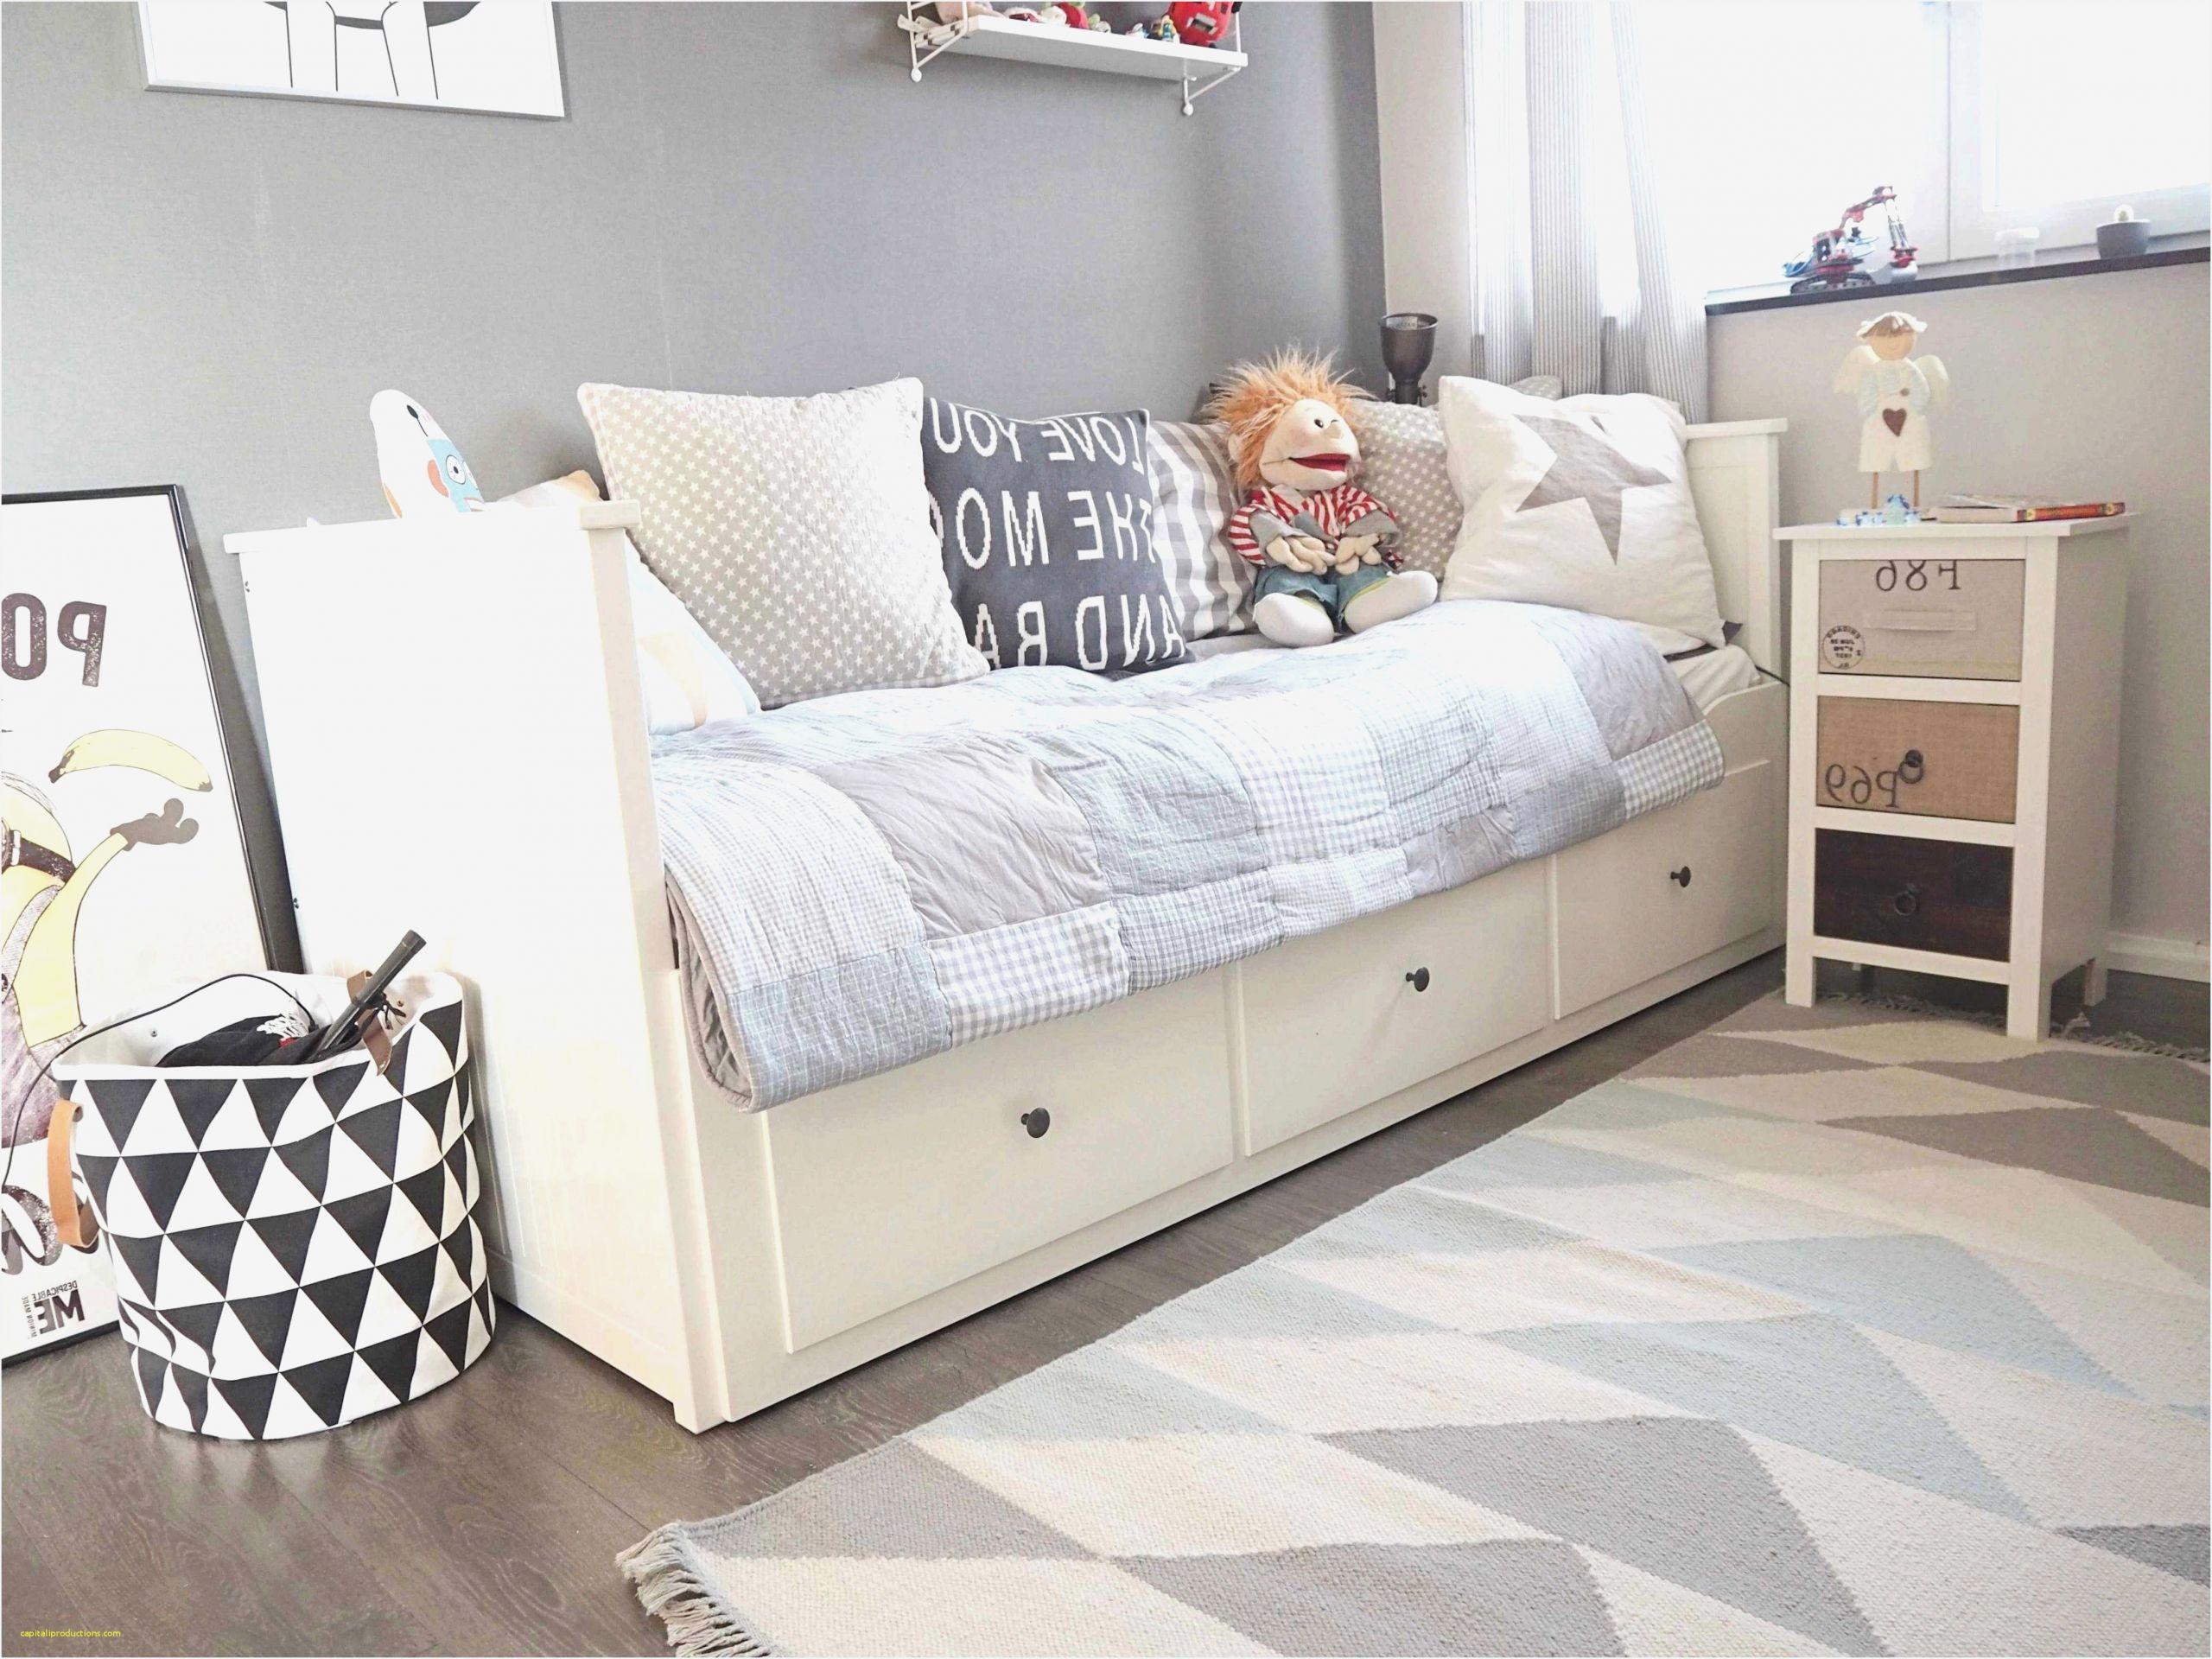 Full Size of Jugendzimmer Ikea Vom Kinderzimmer Zum Gestalten Küche Kosten Bett Sofa Miniküche Kaufen Mit Schlaffunktion Betten 160x200 Modulküche Bei Wohnzimmer Jugendzimmer Ikea